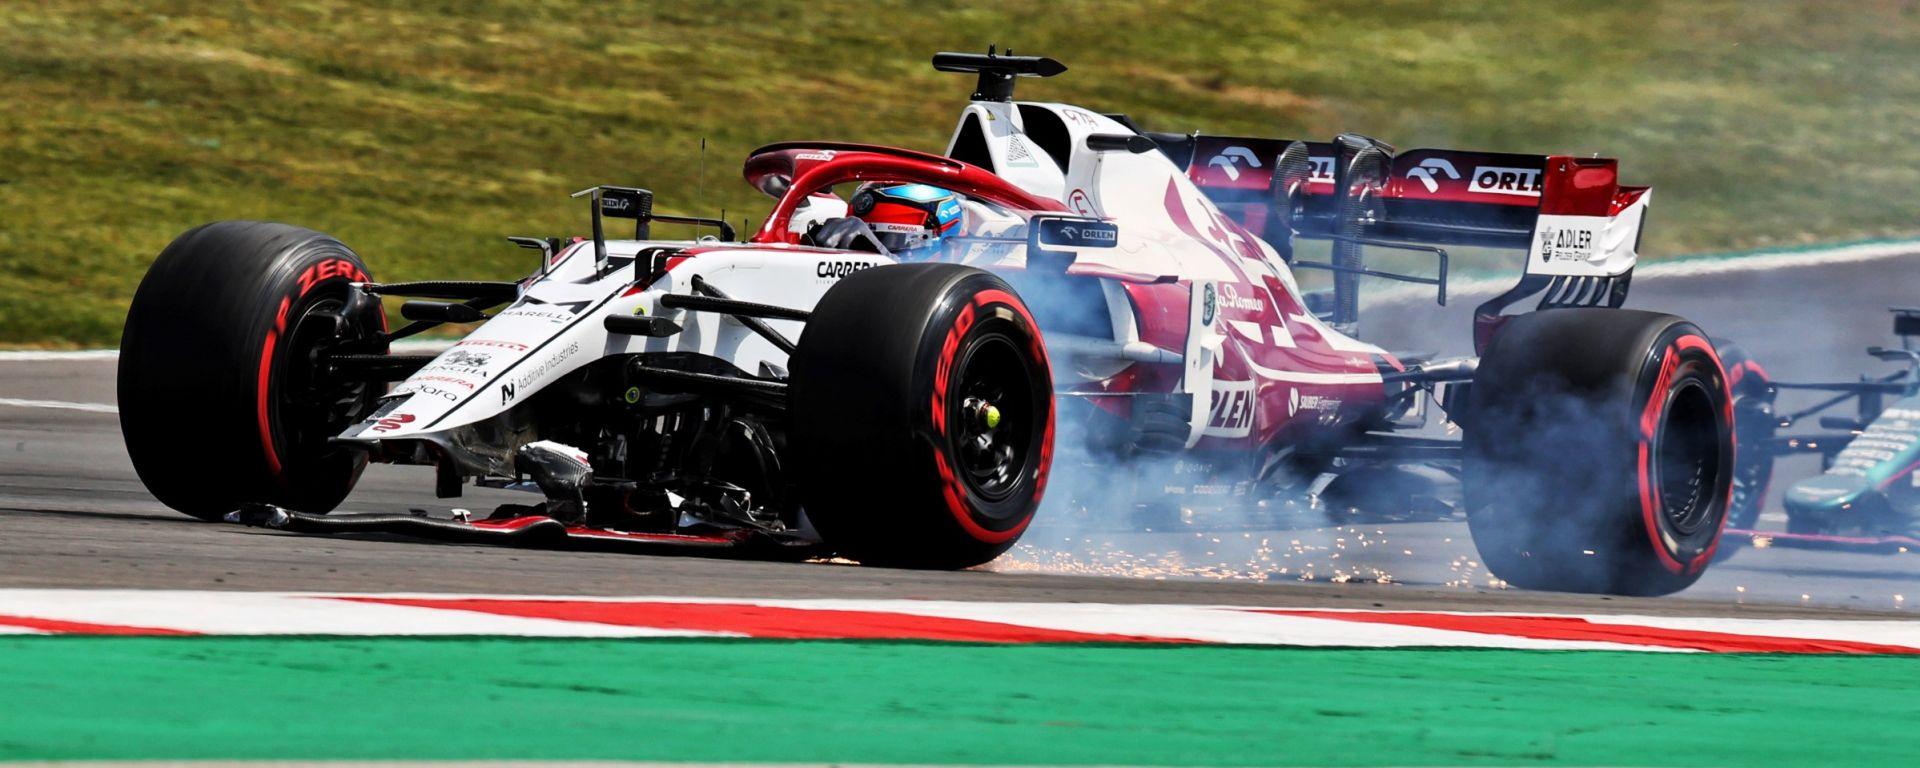 F1, GP Portogallo 2021: Kimi Raikkonen con la sua Alfa Romeo danneggiata dopo il contatto